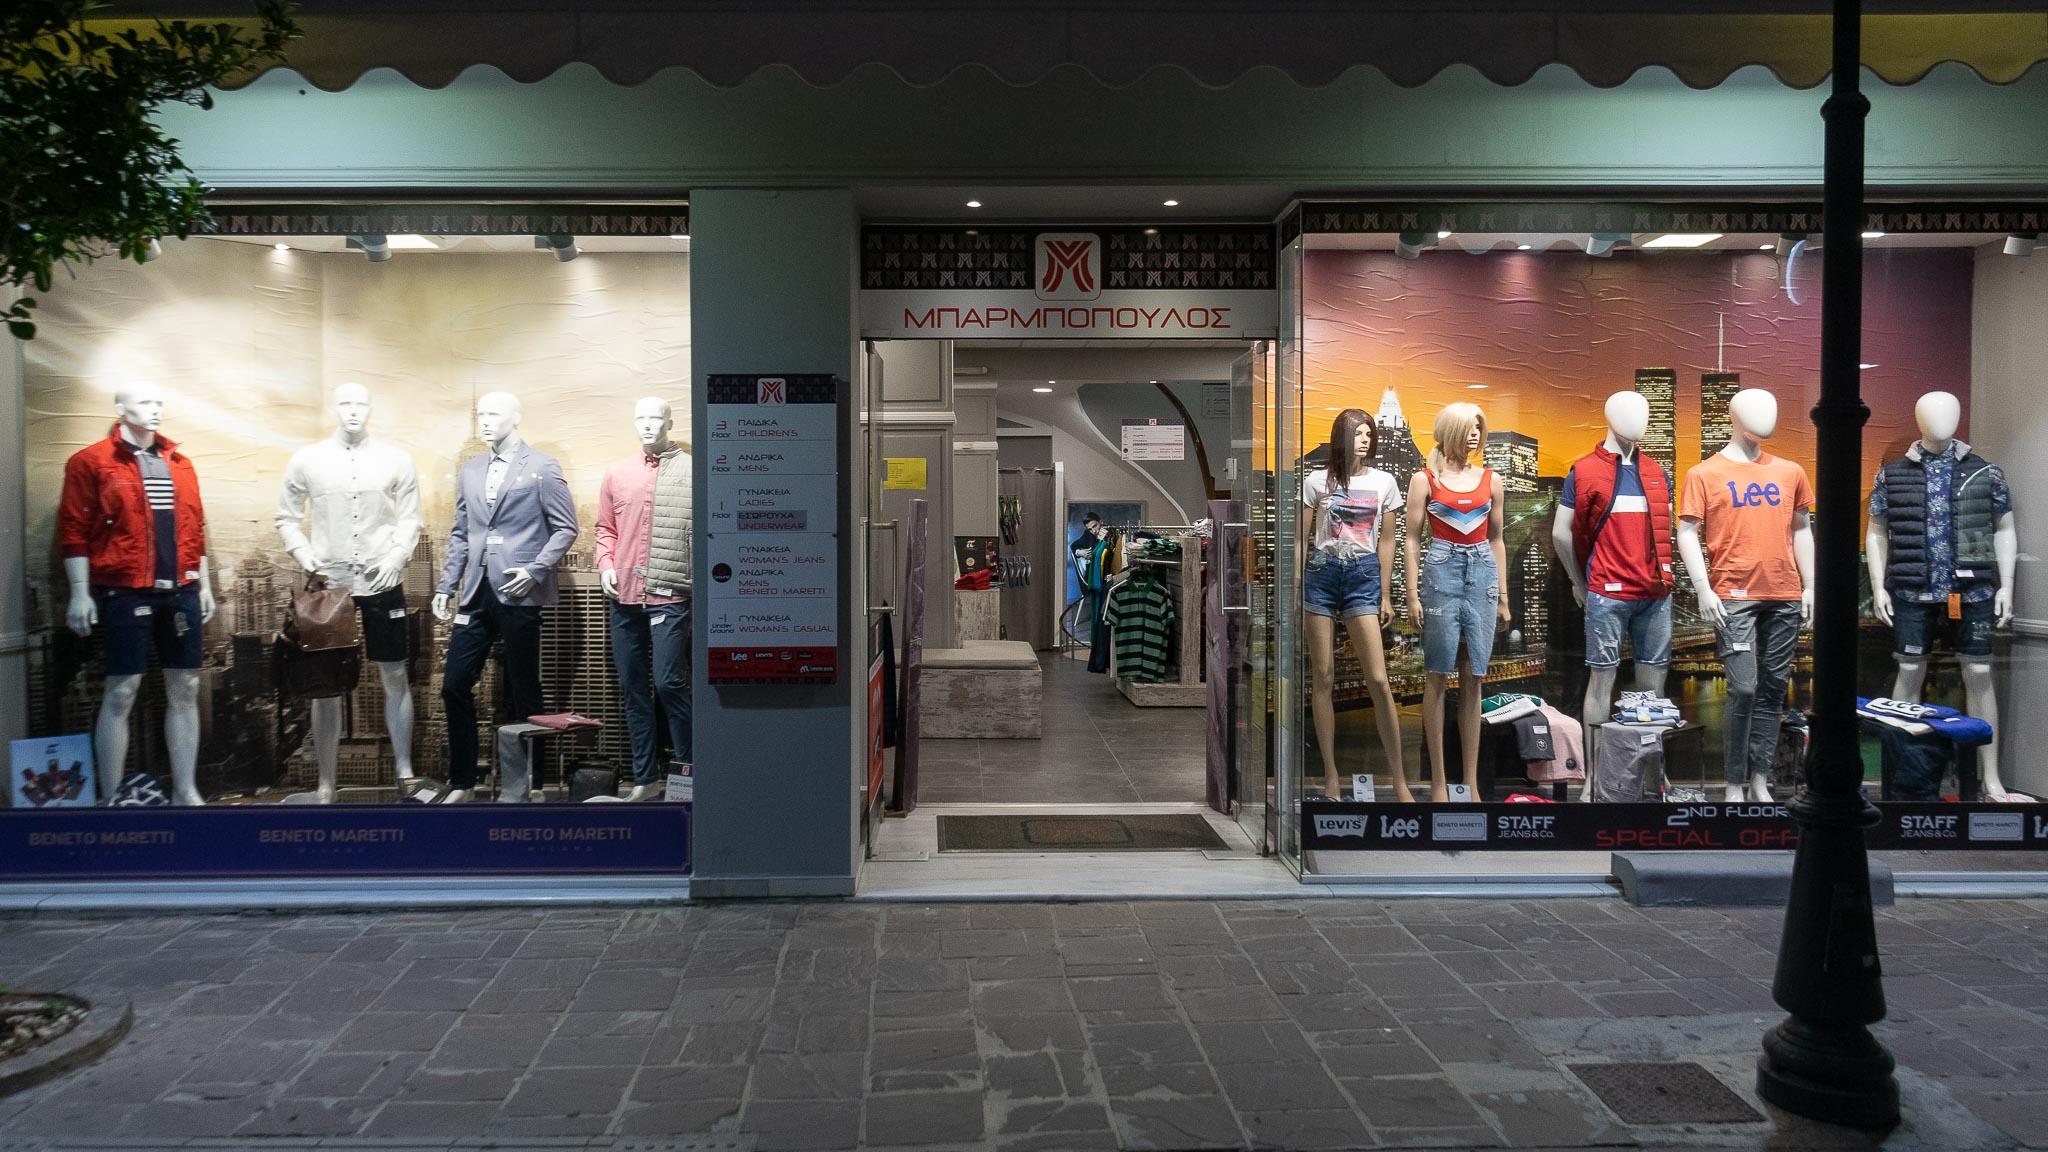 Μπαρμπόπουλος κατάστημα ένδυσης στα Χανιά